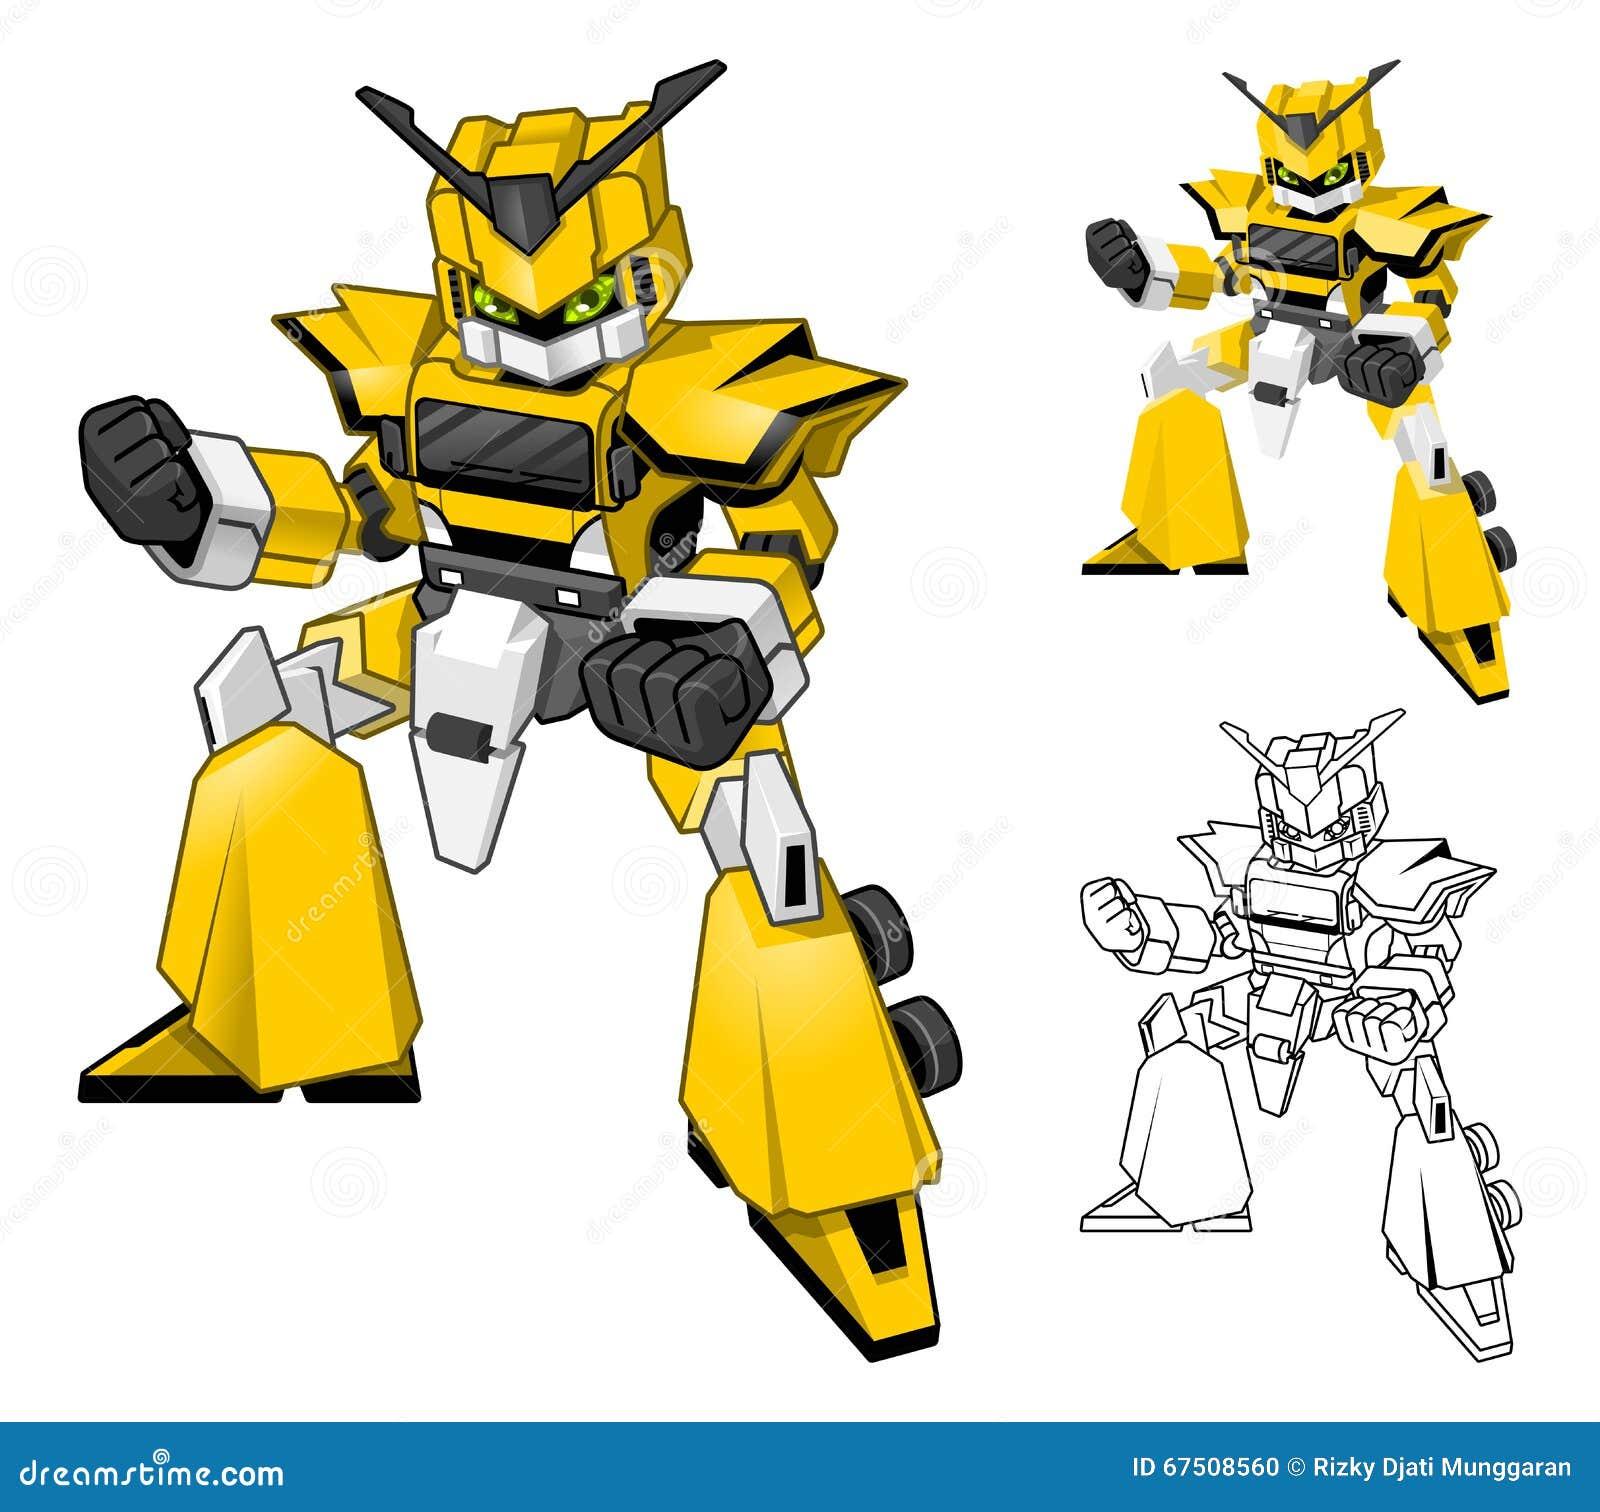 Cartoon Character Design Price : Robot truck cartoon character include flat design and line